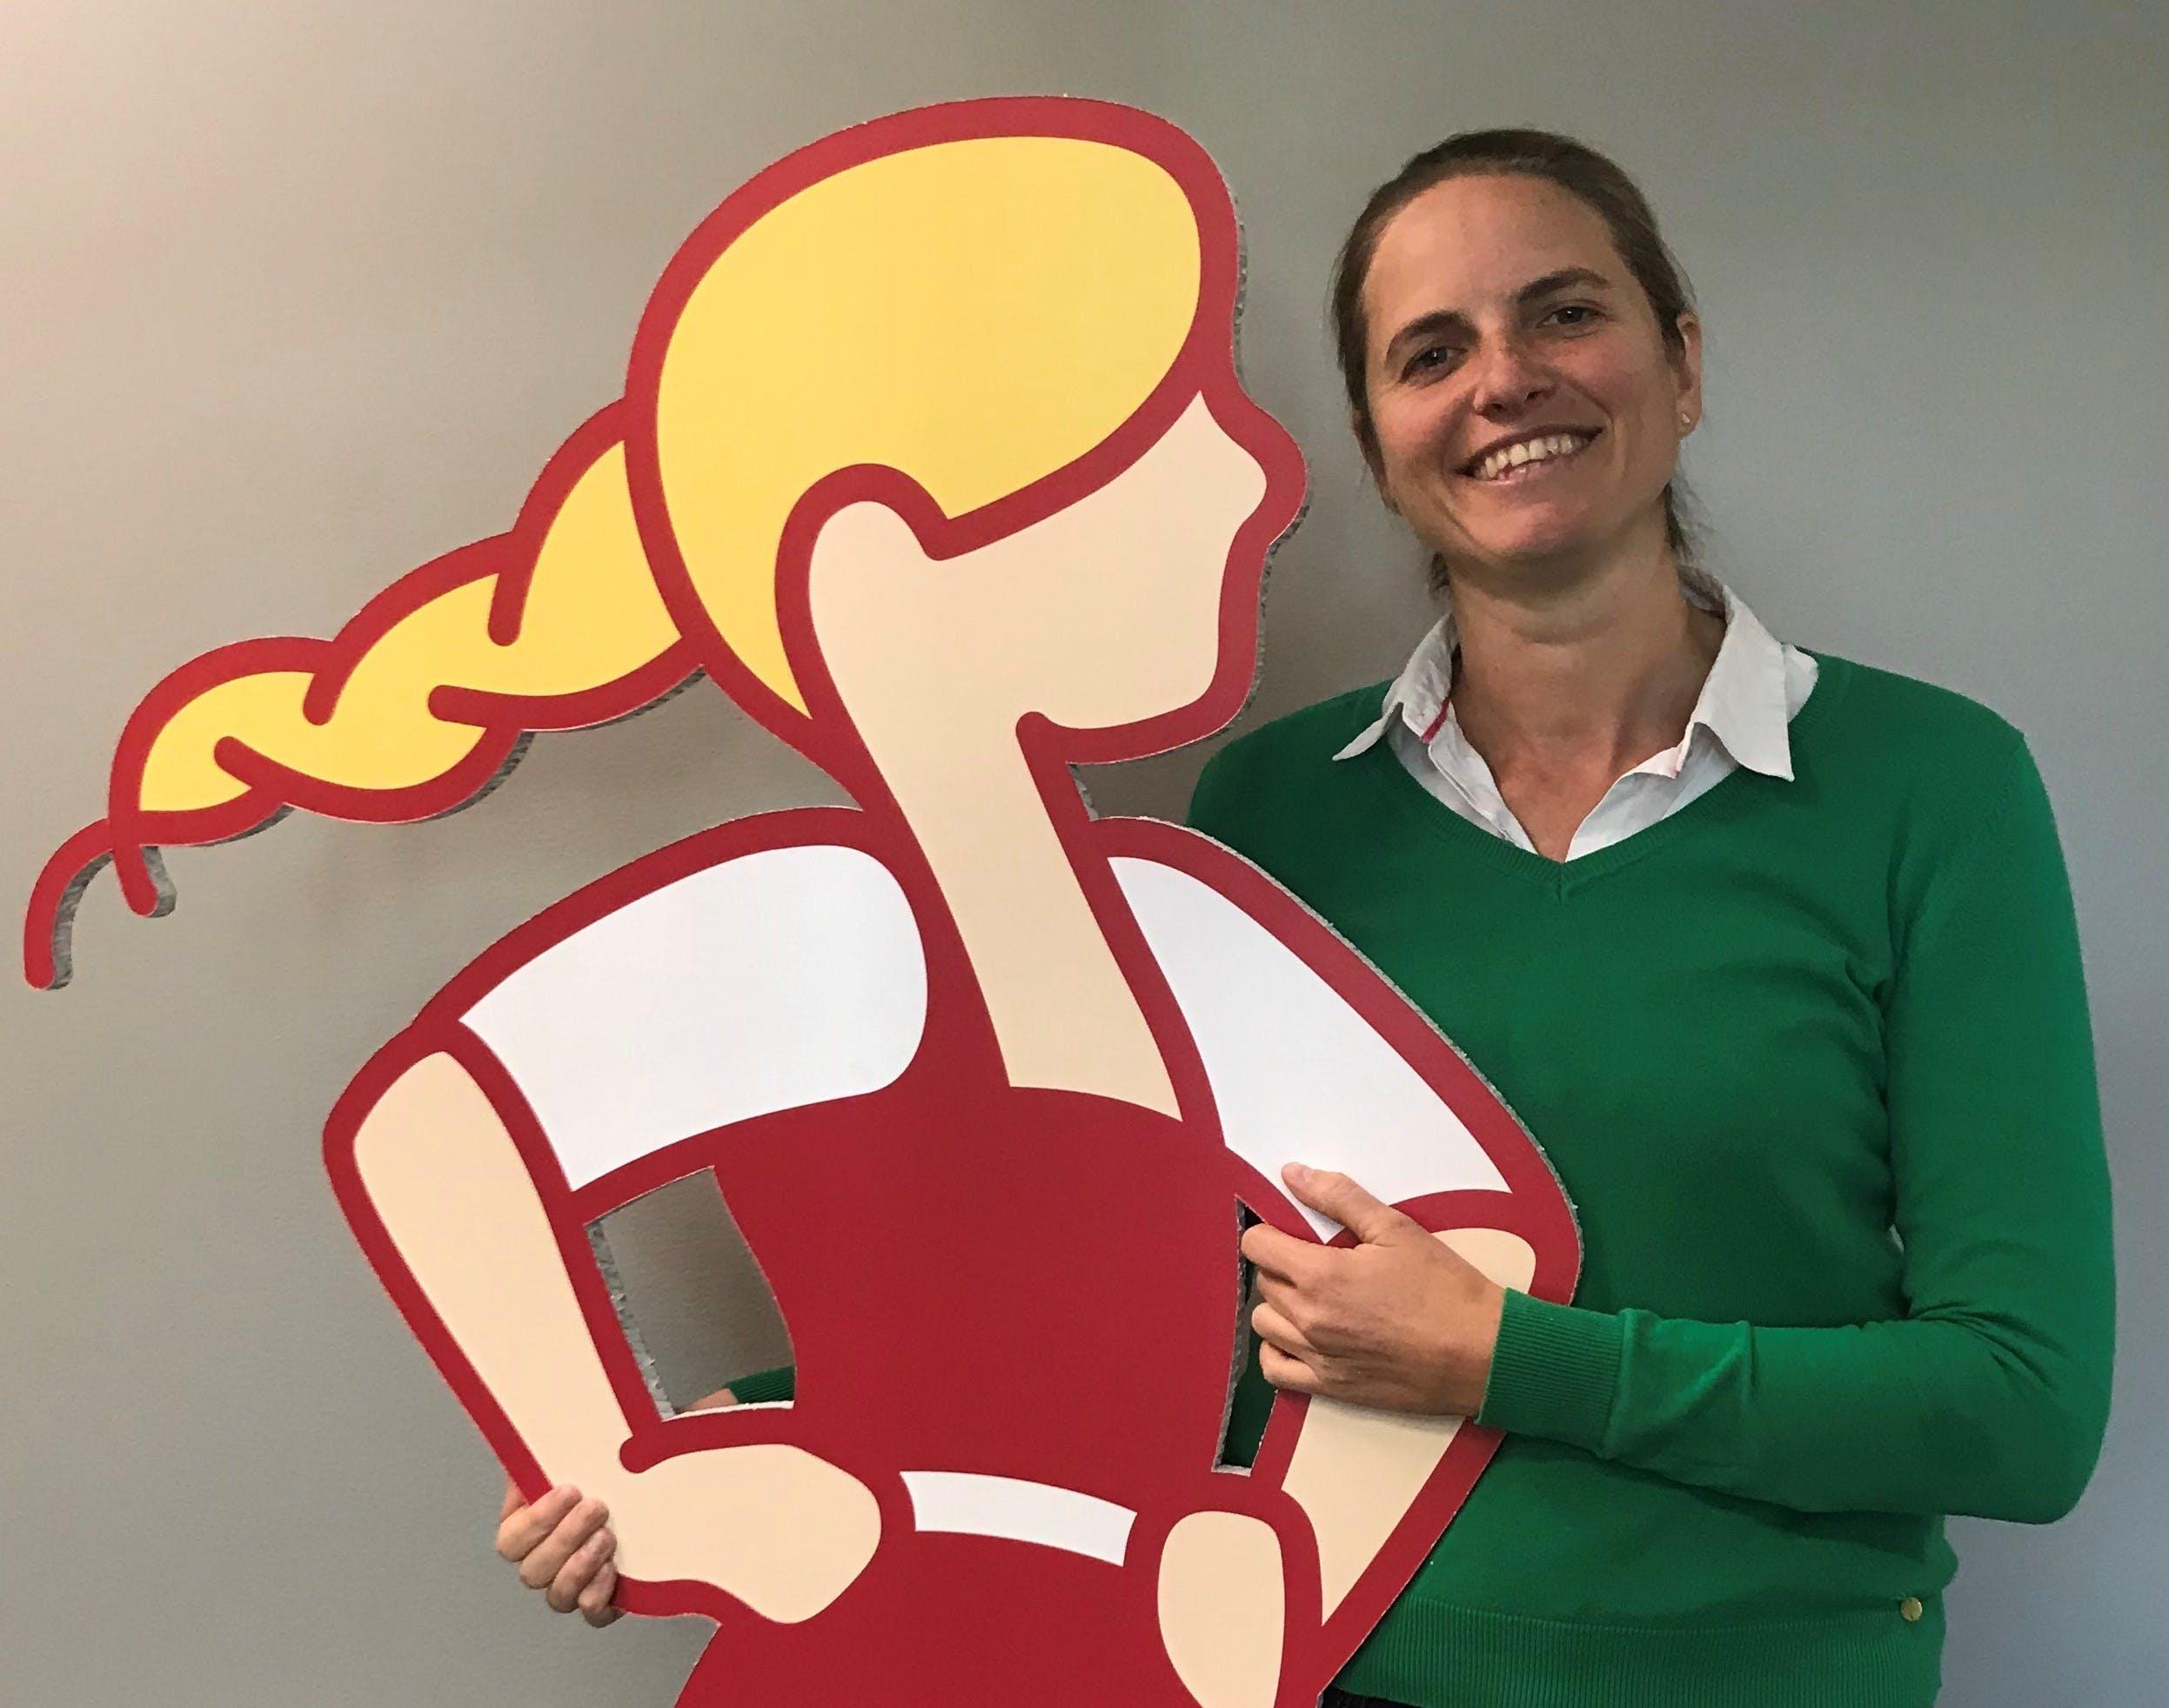 Sofie Oraug-Rygh er direktør for kommunikasjon, myndighetskontakt og bærekraft i Scandza Norge, som Synnøve er en del av.